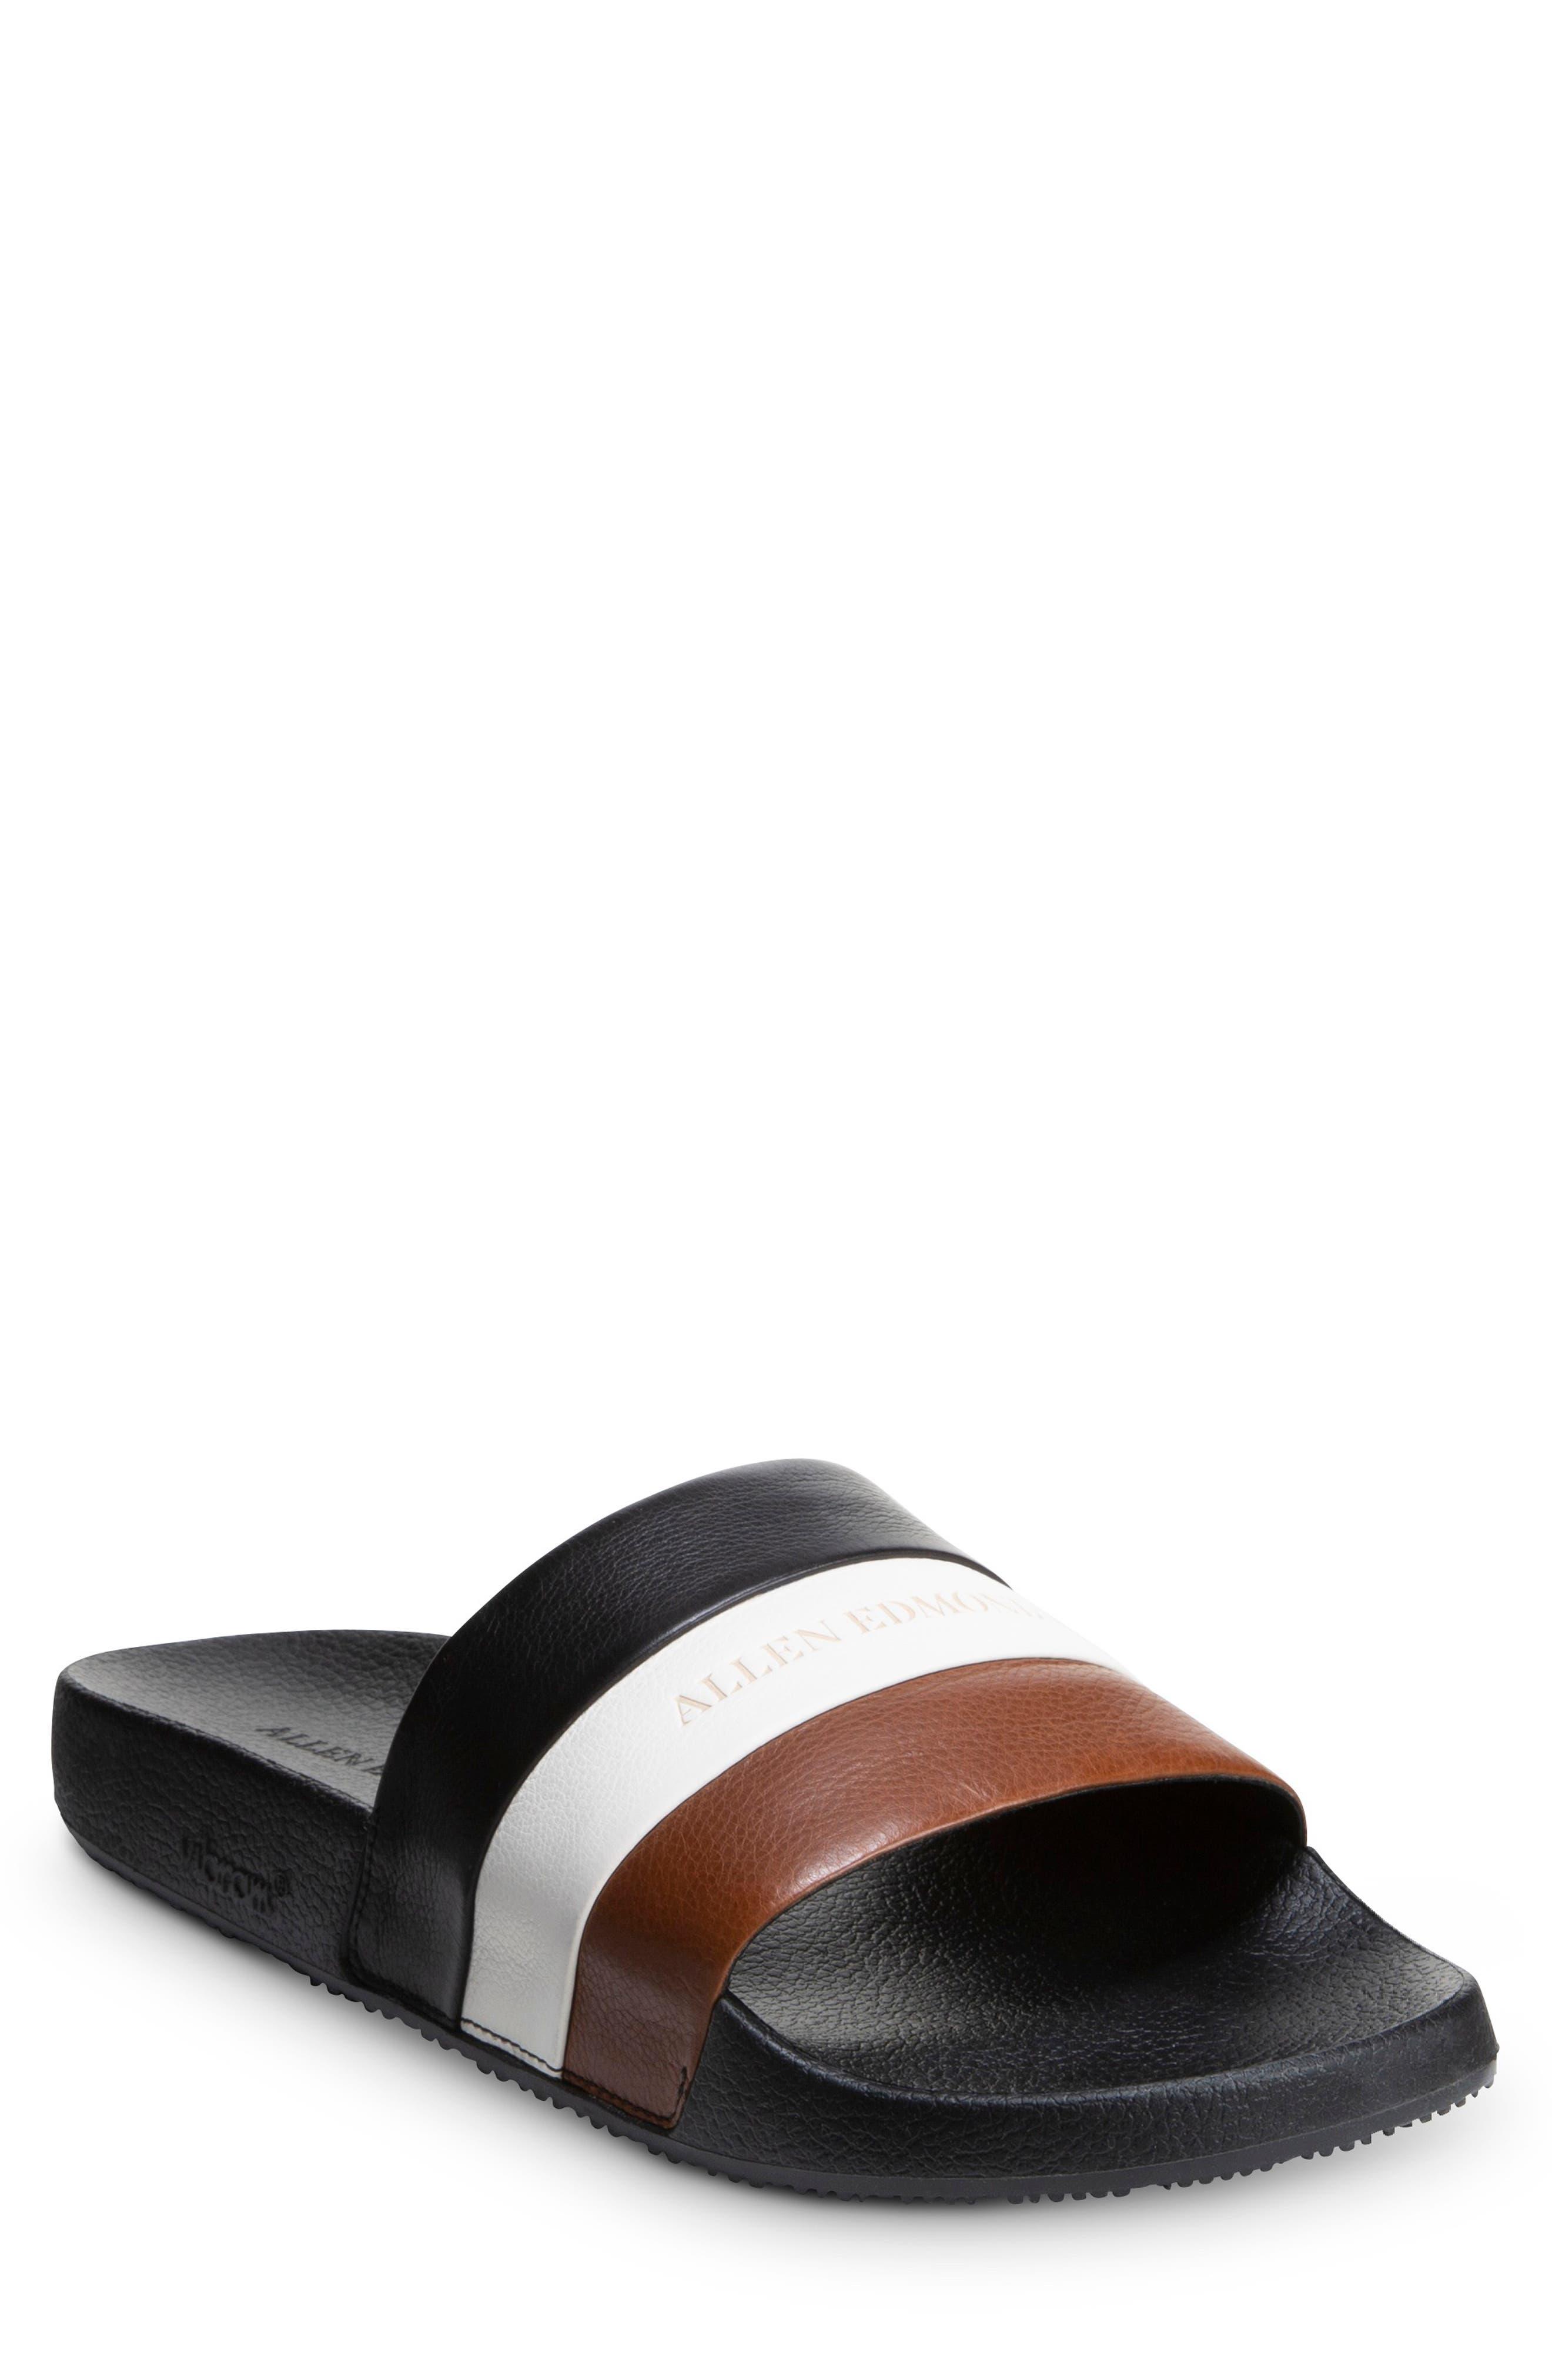 Nantucket Slide Sandal